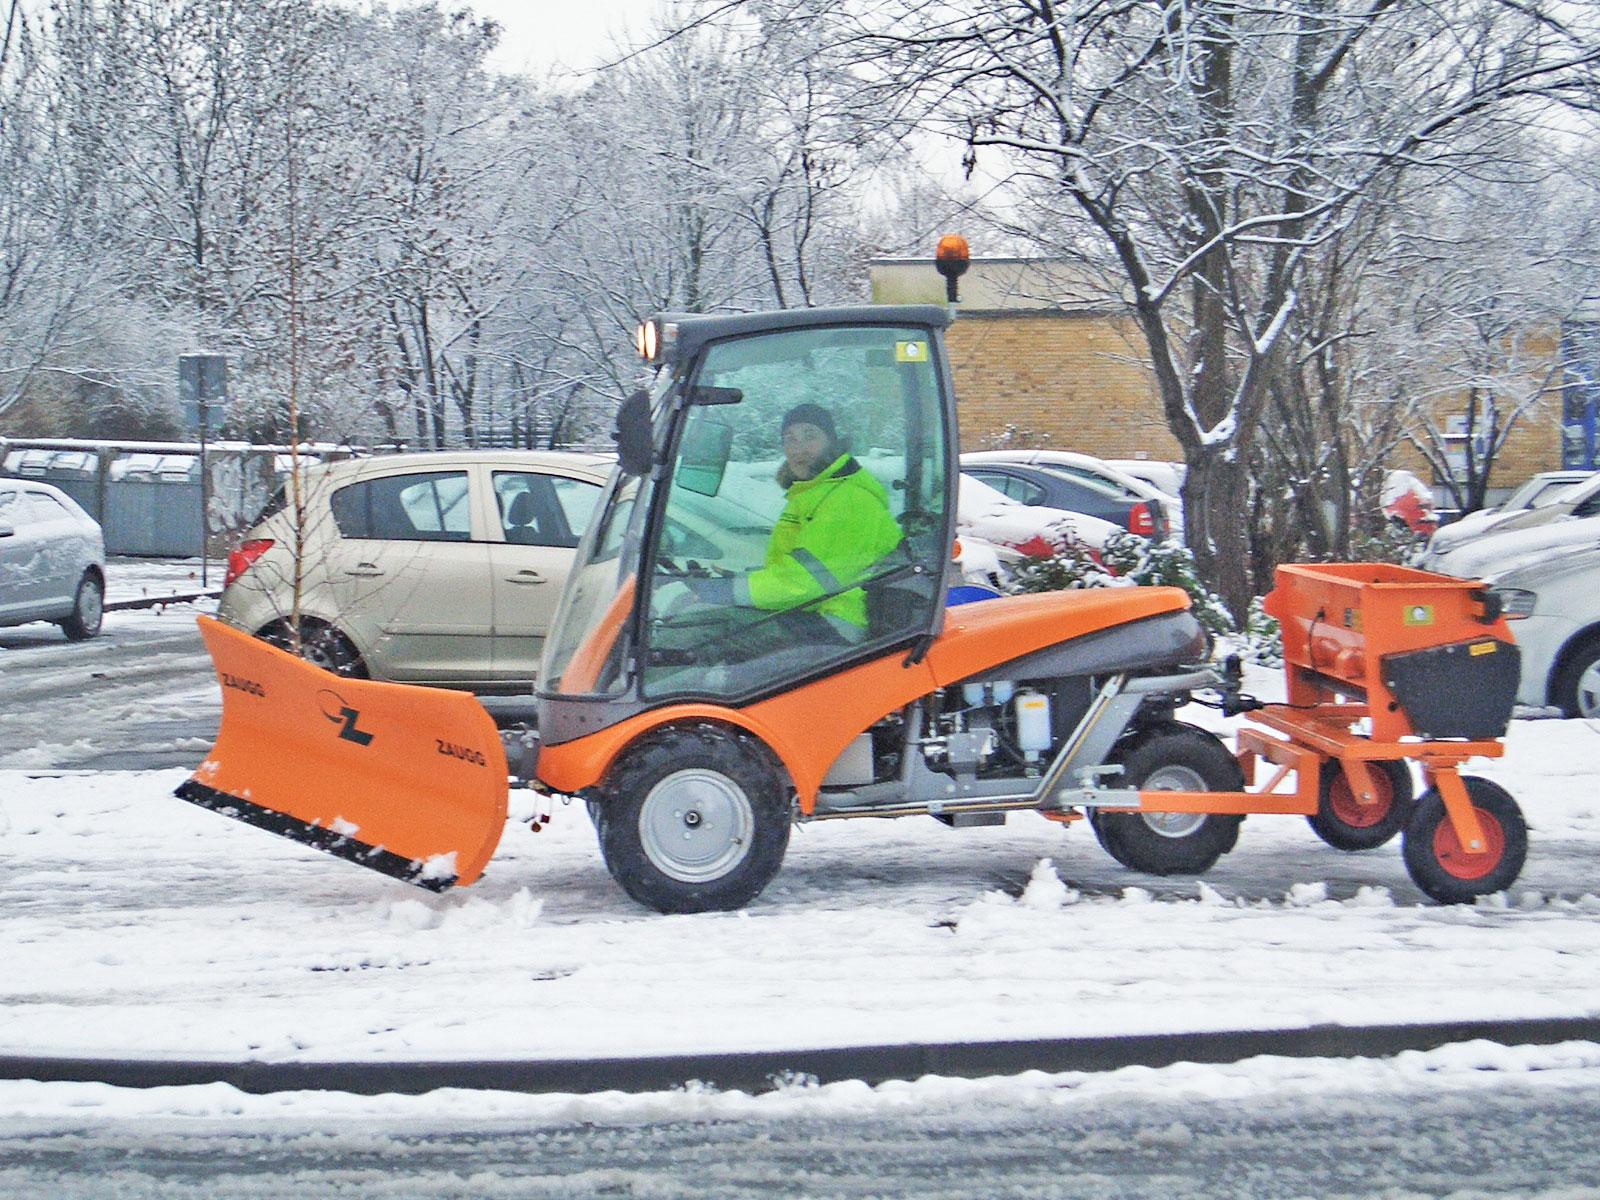 Winterdienst  Leistungen - Winterdienst | Reculta Garten- und Landschaftsbau GmbH